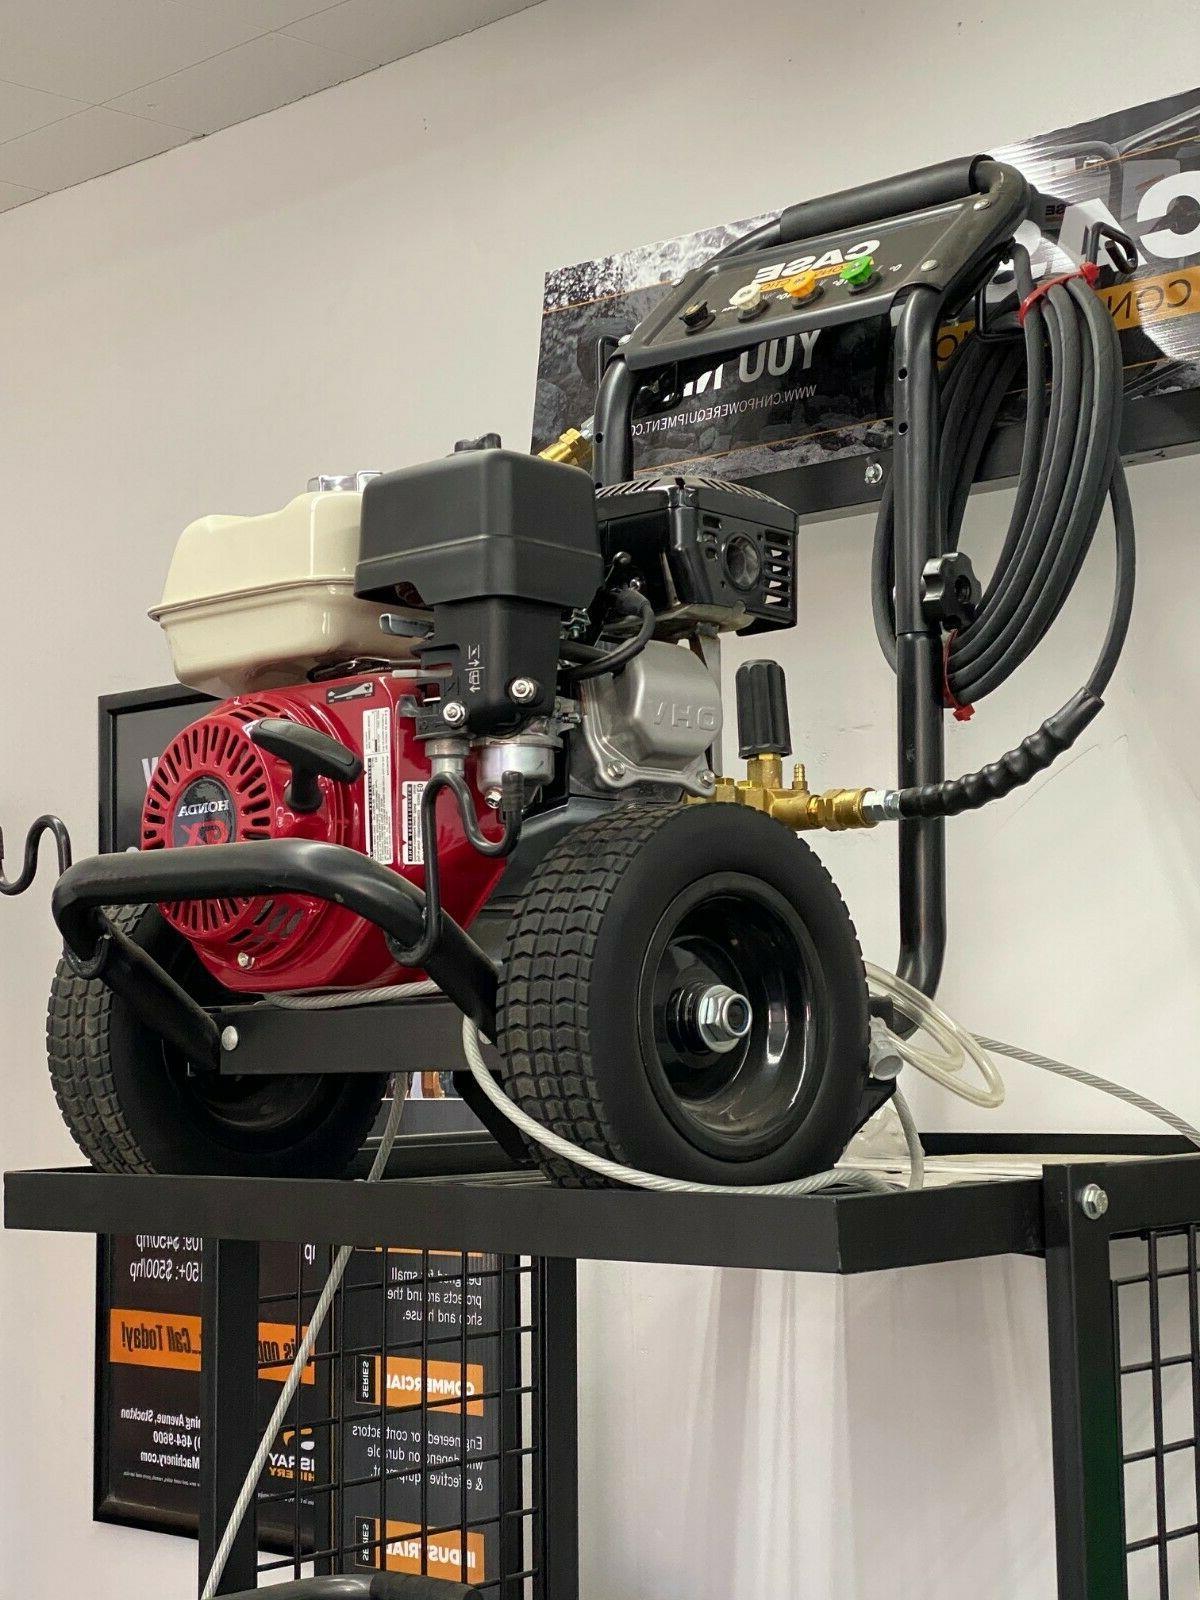 Power washer w/196cc GX200 OHV